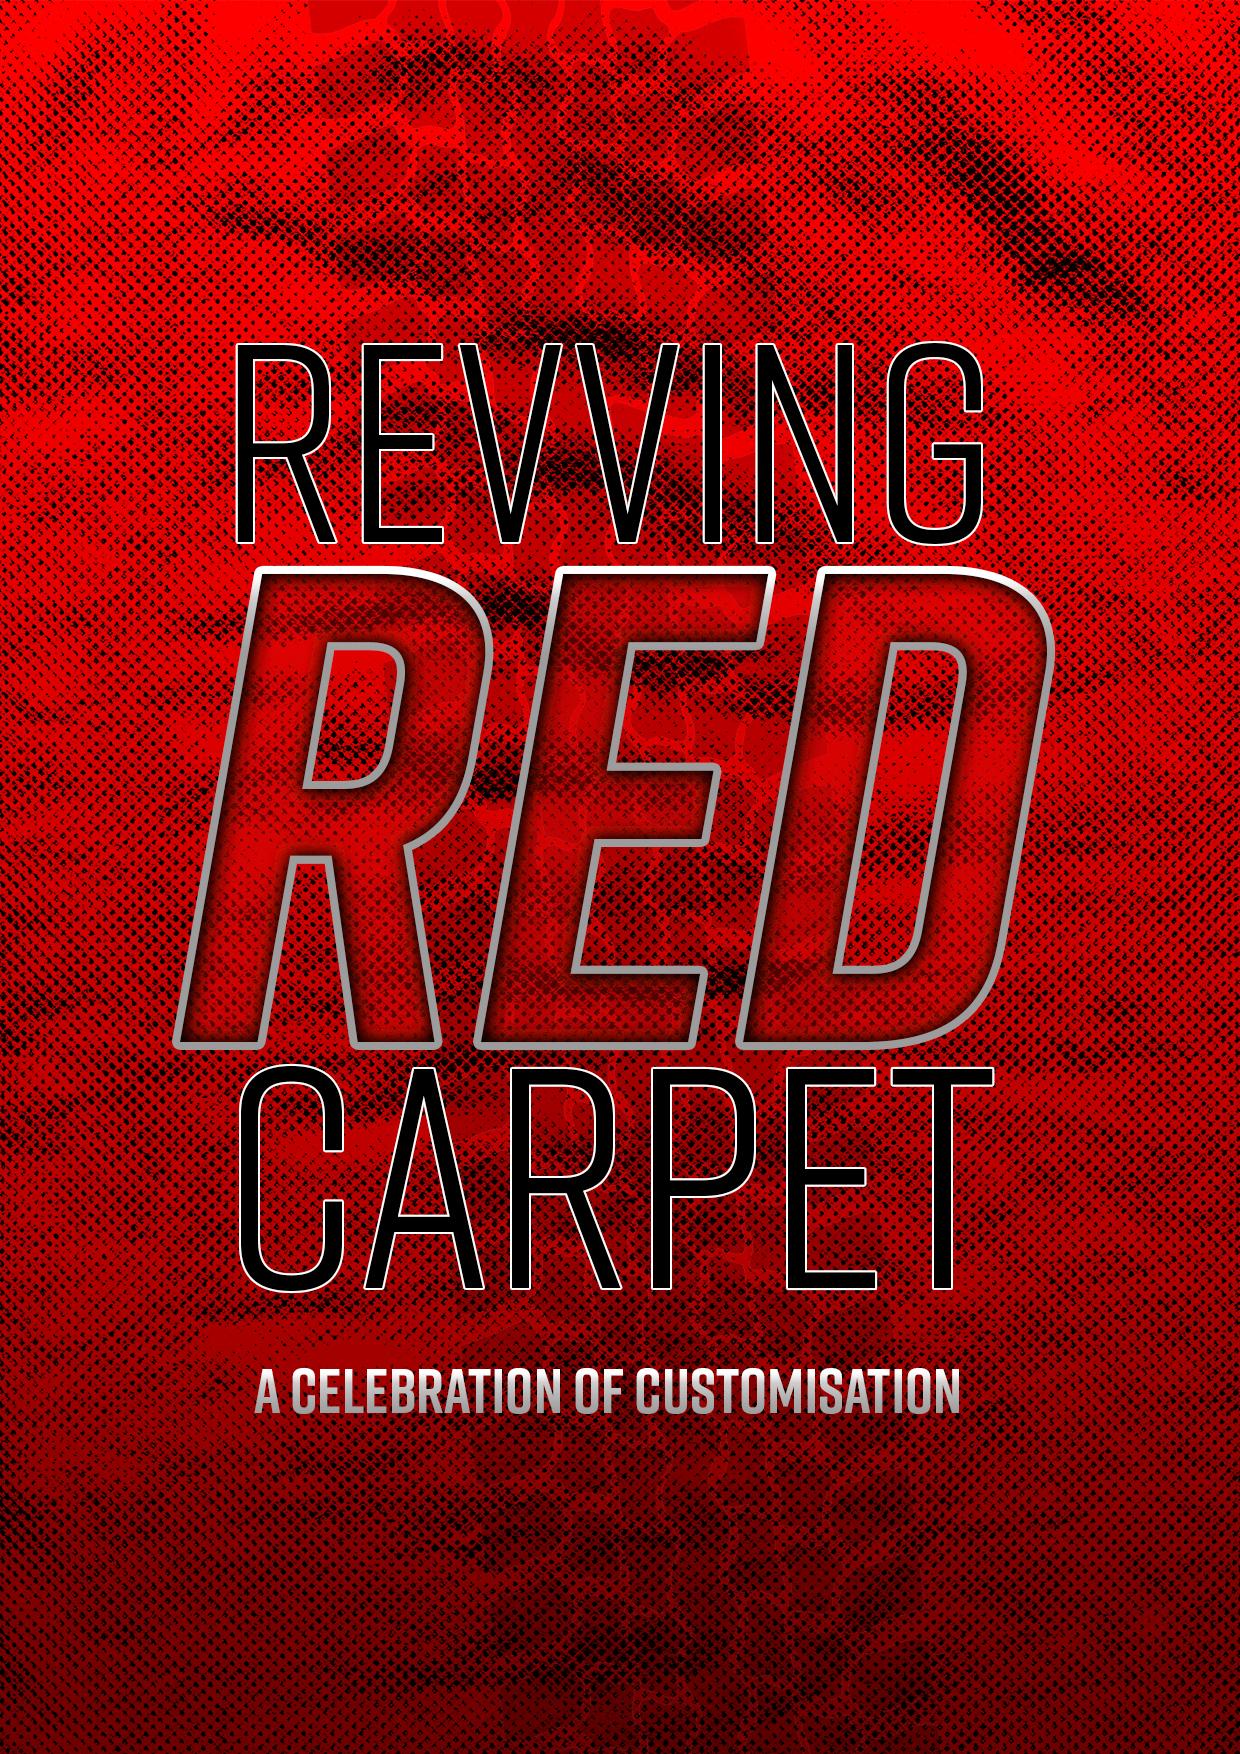 Revving Red Carpet.jpg